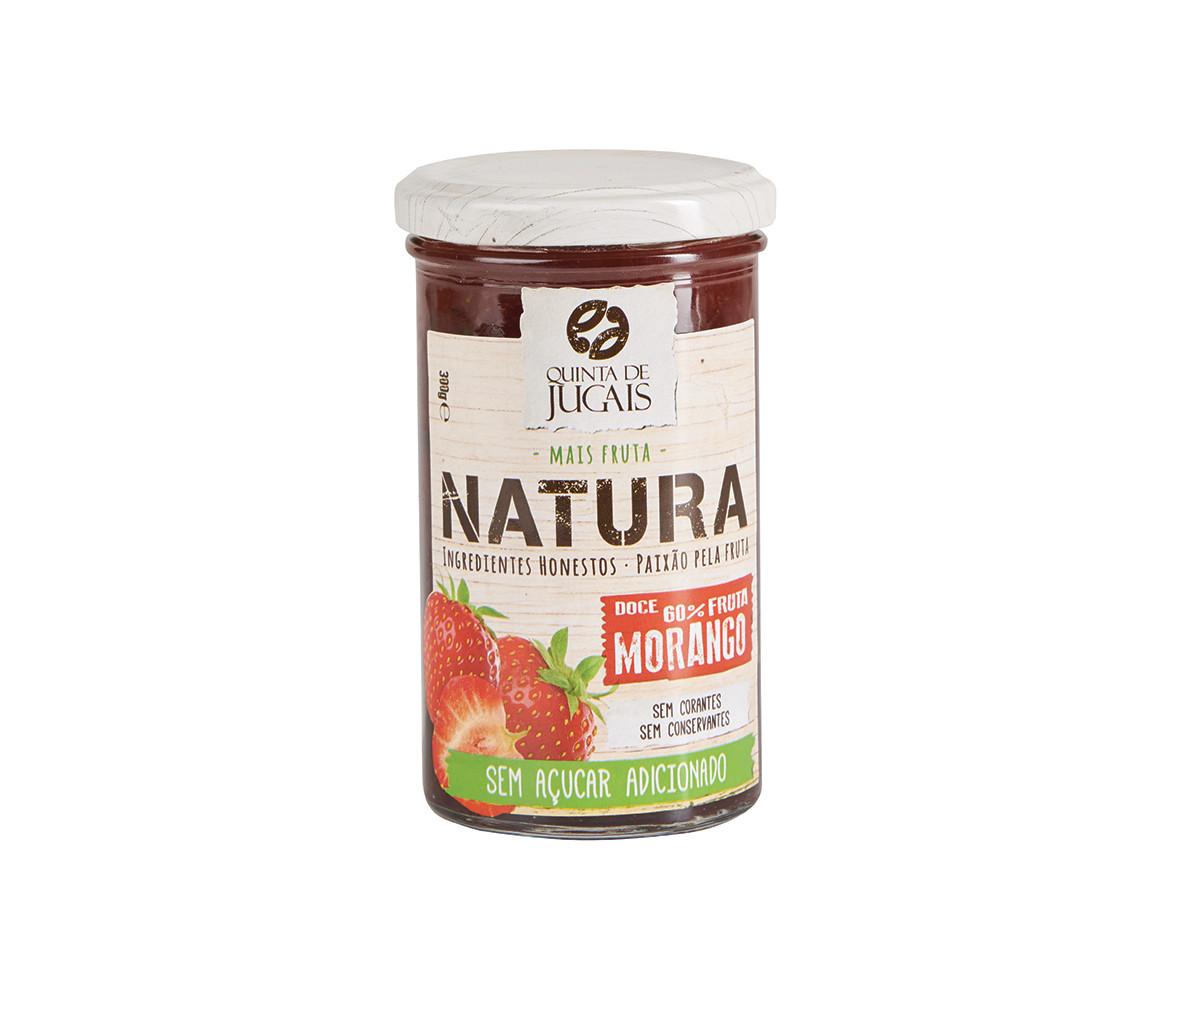 Strawberry / Doce 300 gr (Quinta Jugais) - Natura - No Sugar Added